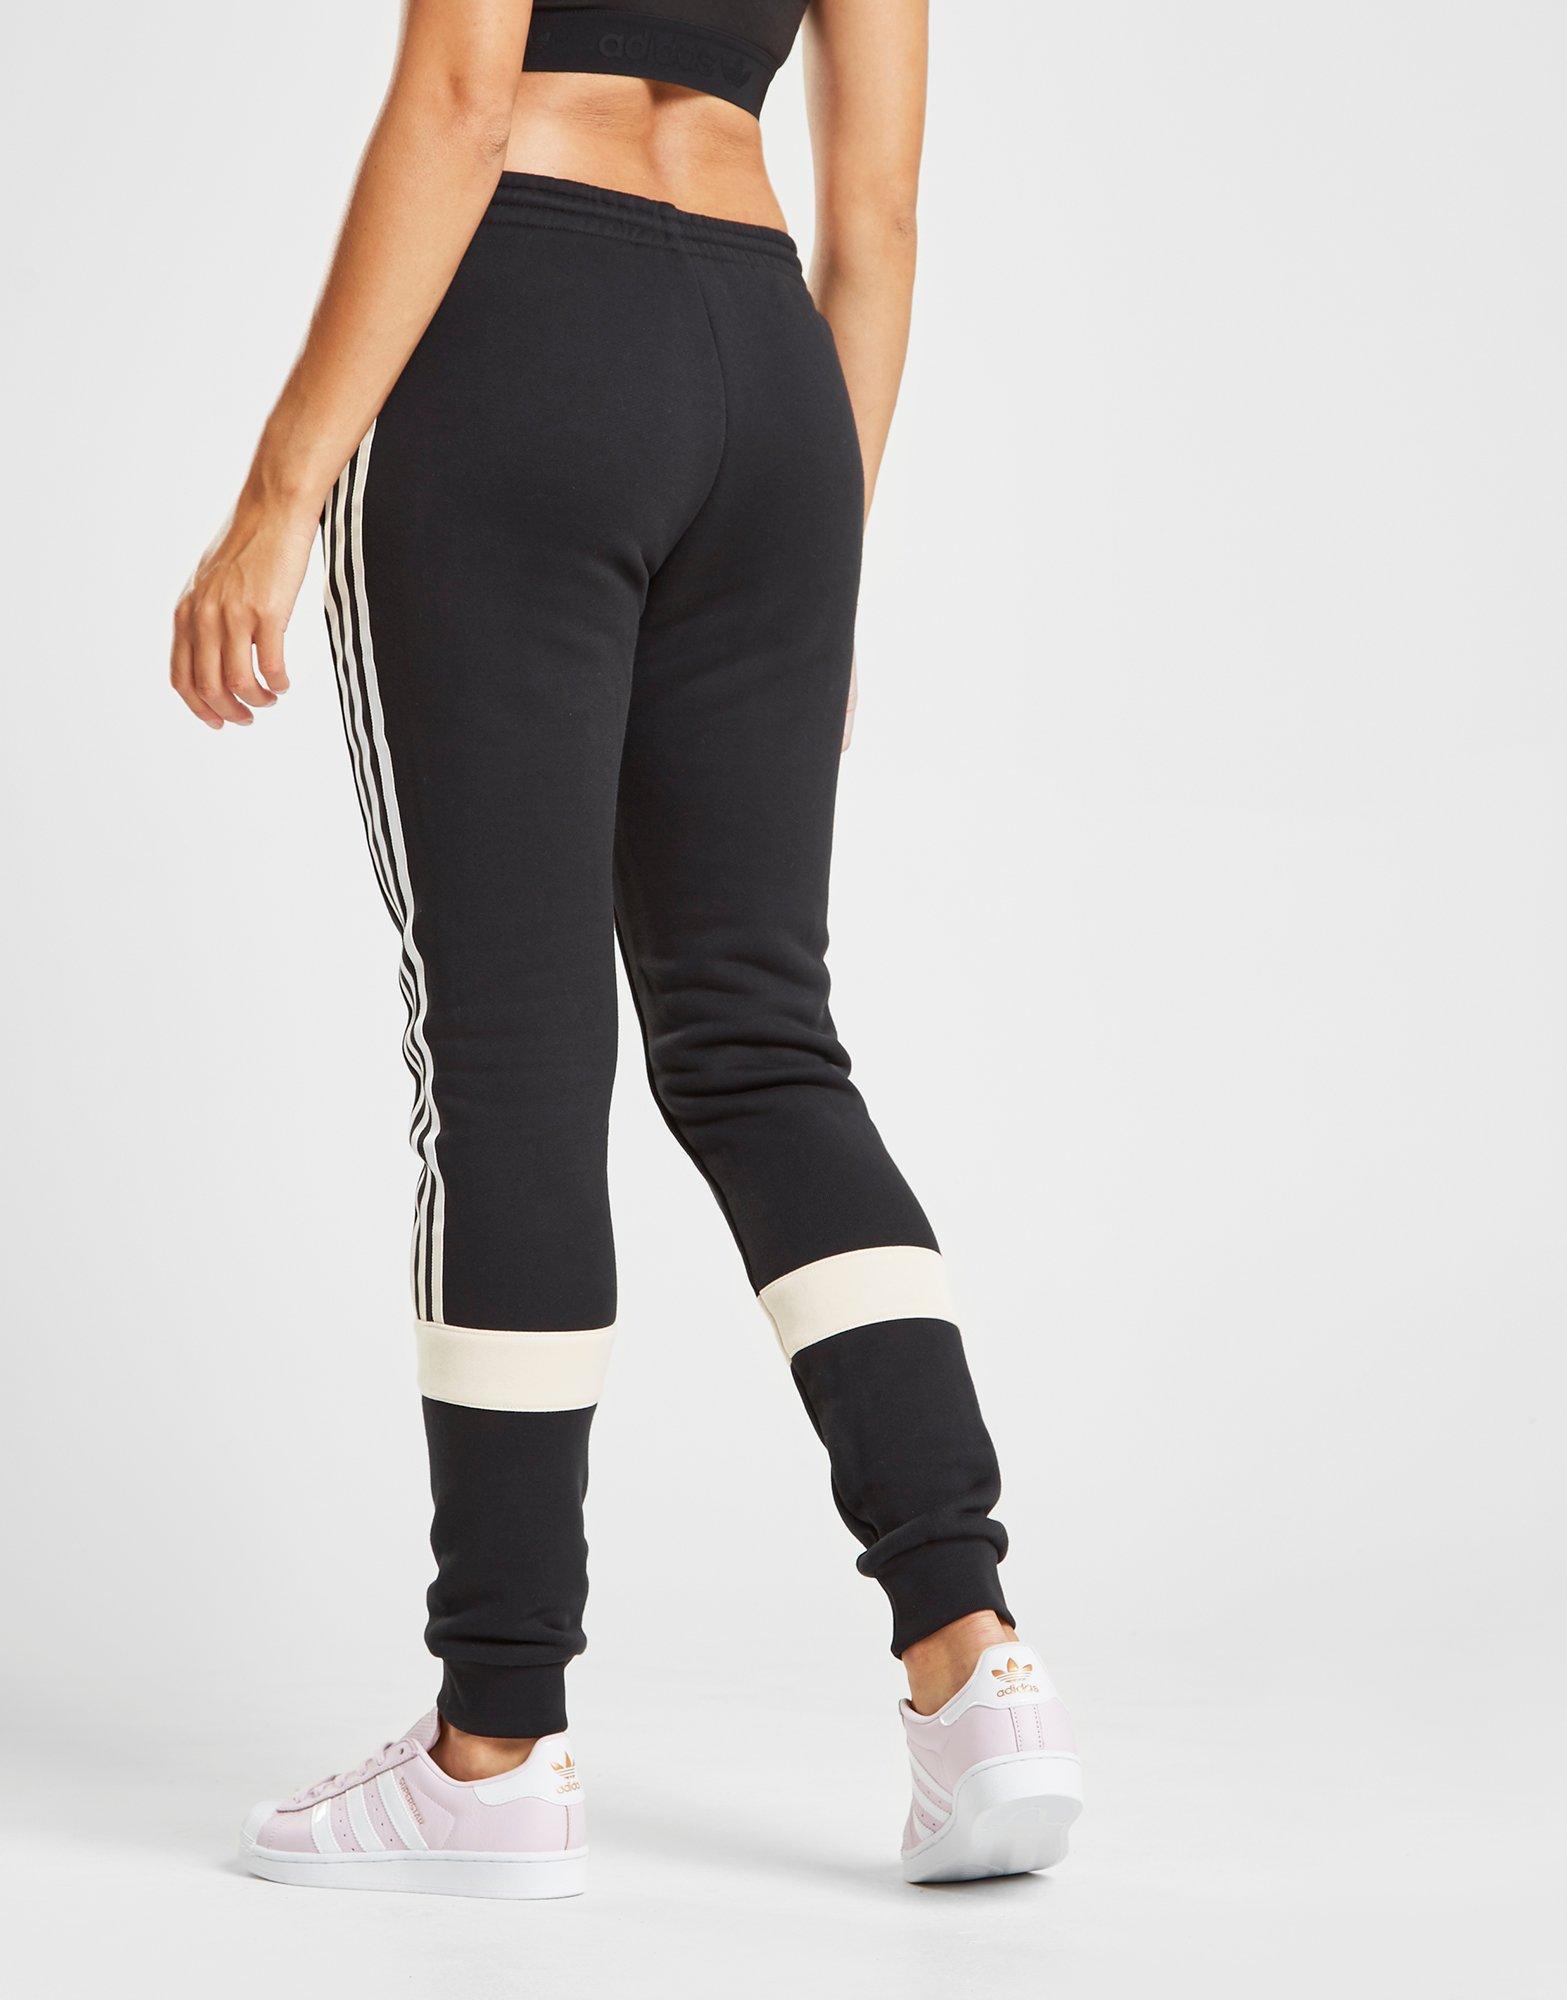 women's adidas fleece pants